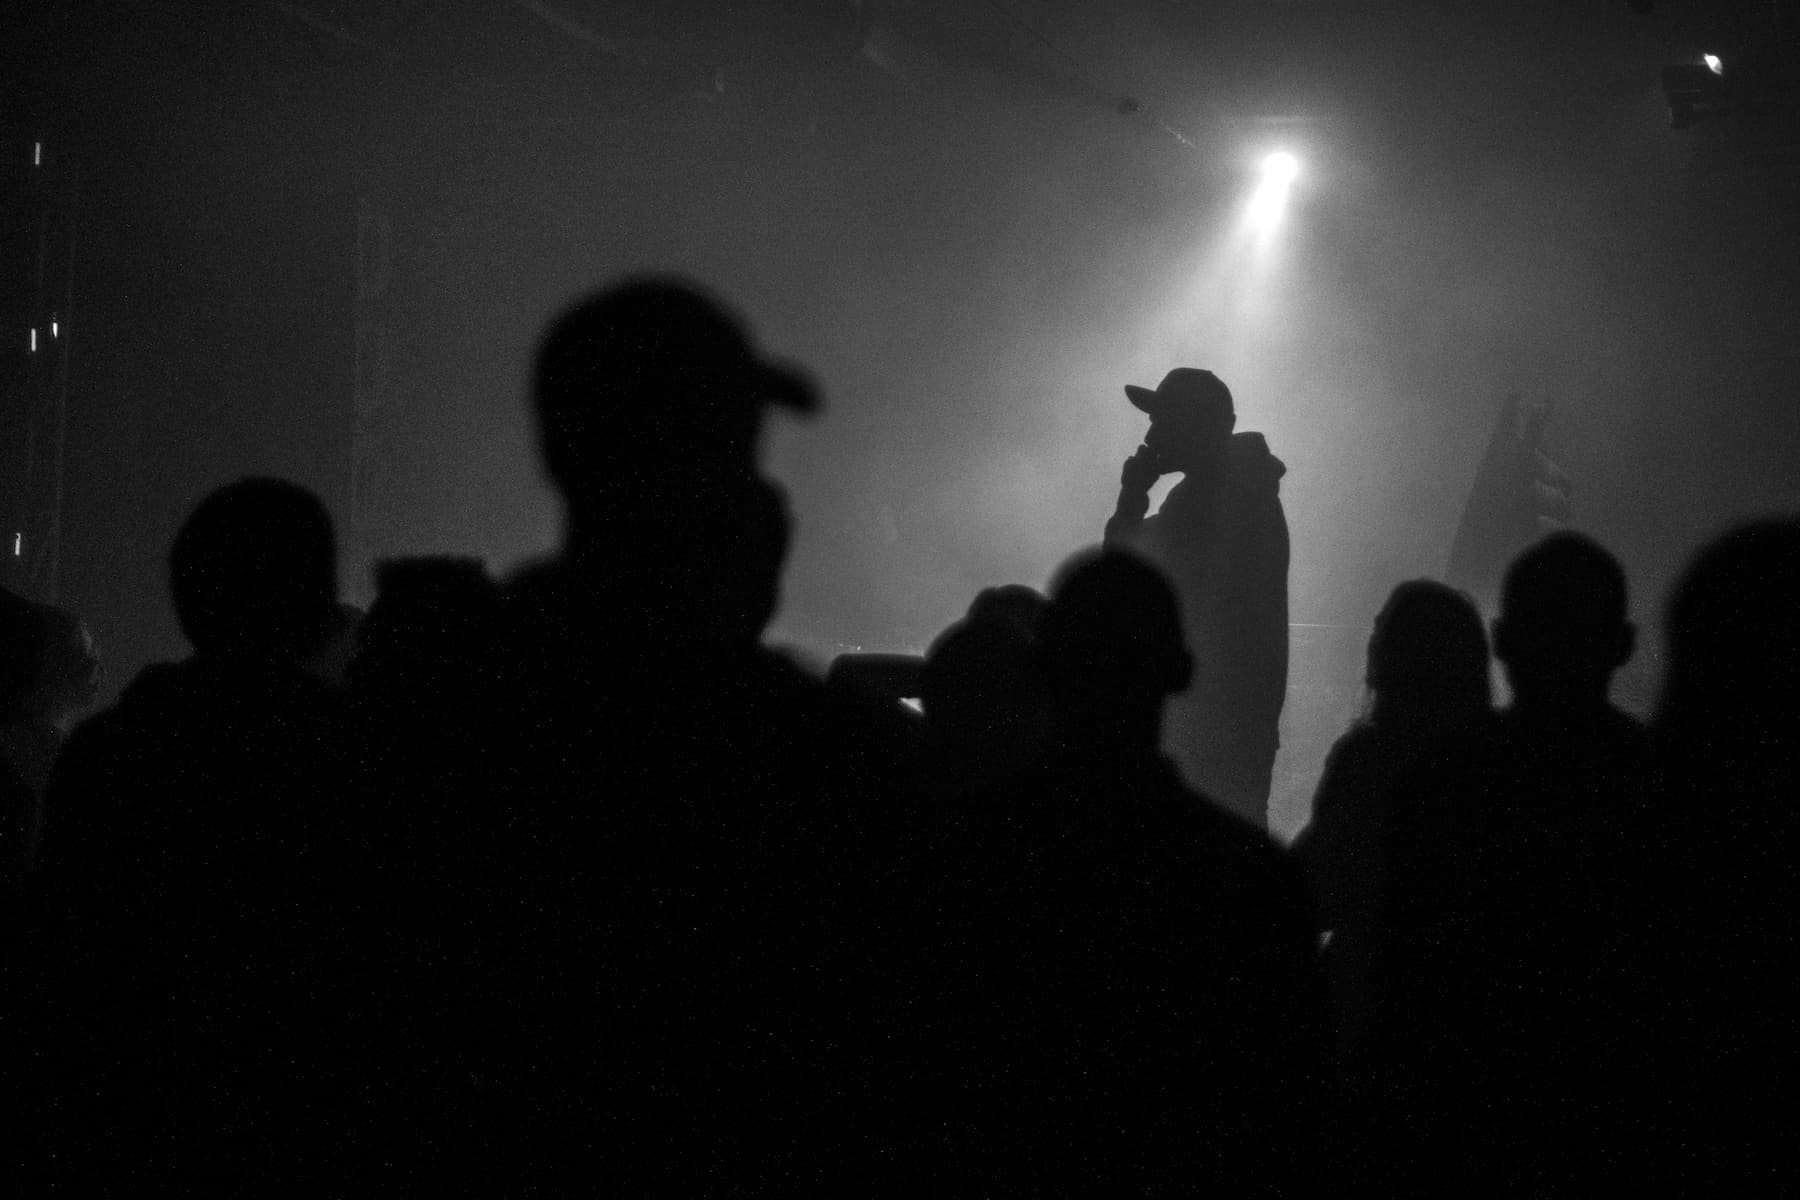 klasyka polskiego rapu, znani raperzy, znani raperzy lat 90, rap polski lata 90